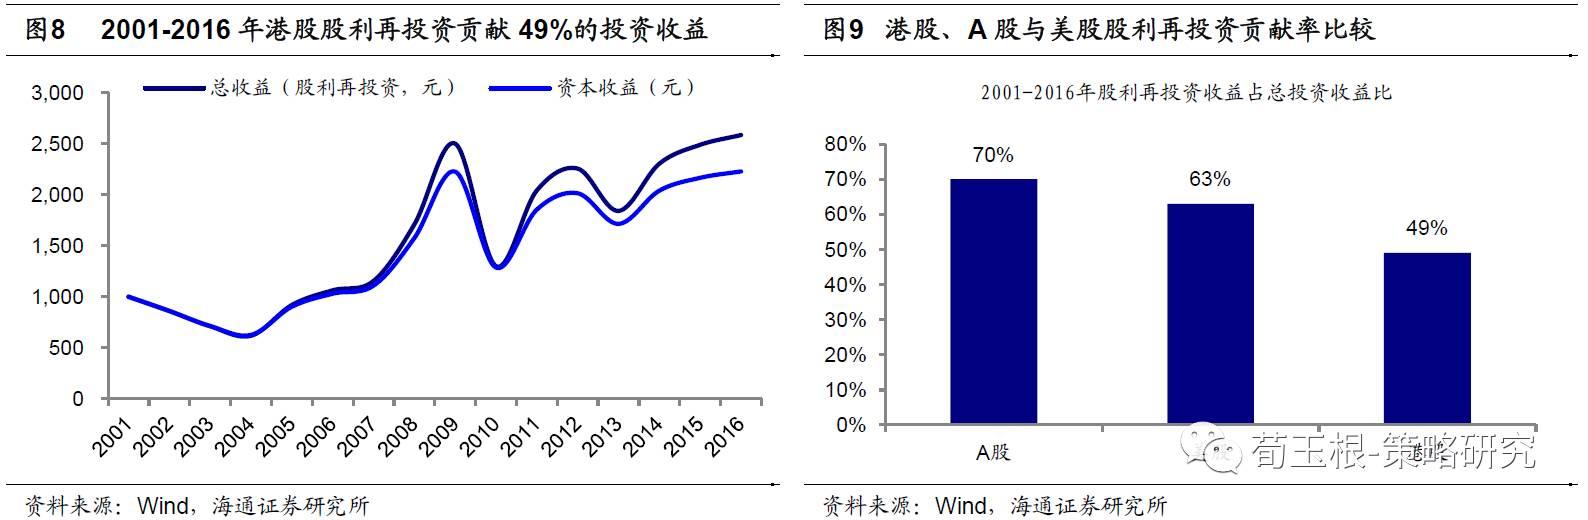 荀玉根:港股高股息策略较美股和A股表现更优异